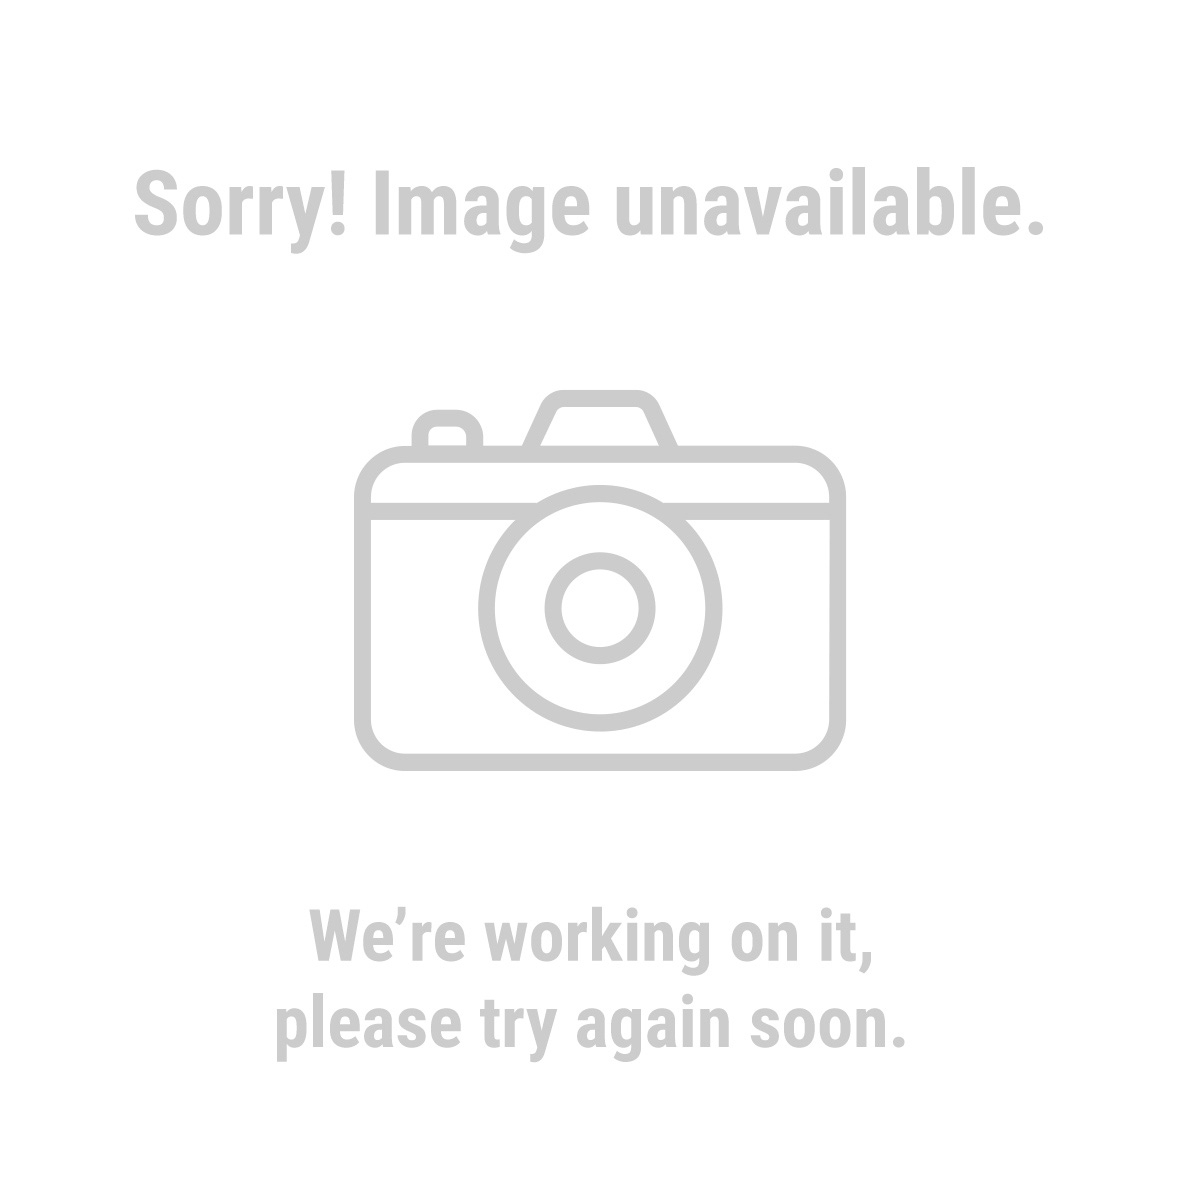 Haul-Master® 67158 5000 Lb. Capacity Step Bumper Receiver